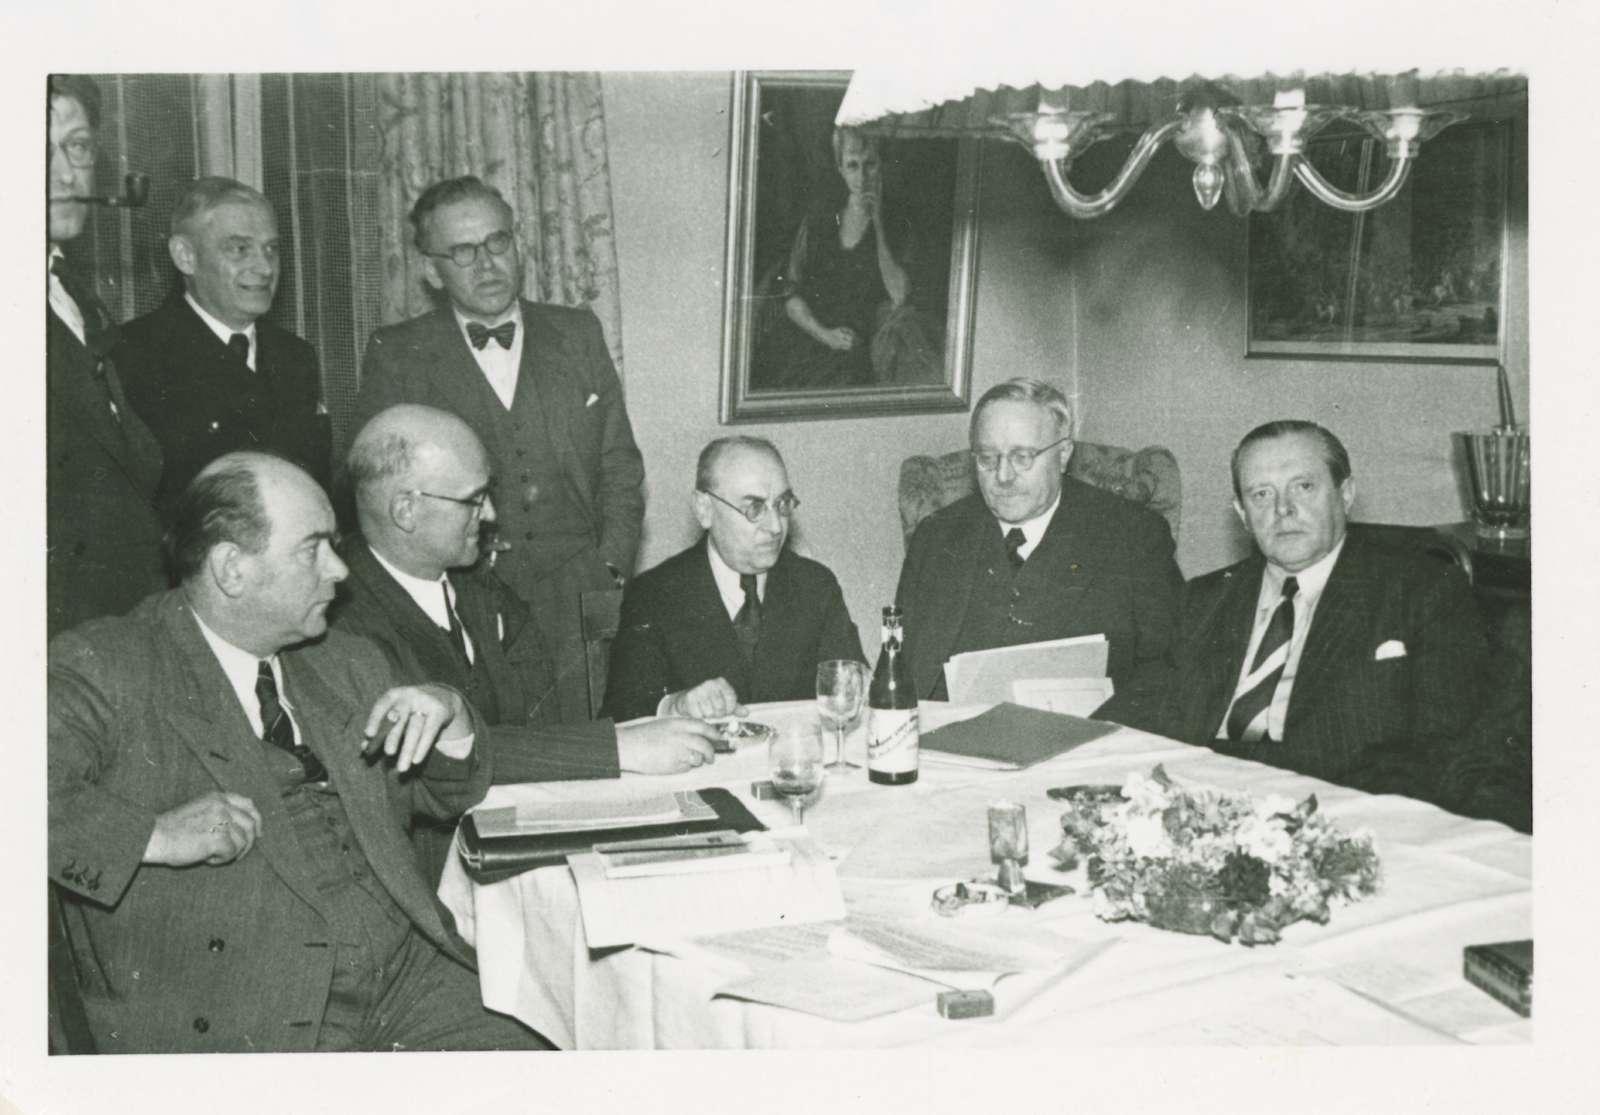 """Südweststaatkonferenz im Hotel """"Waldeck"""" in Freudenstadt am 15. April 1950, Bild 1"""